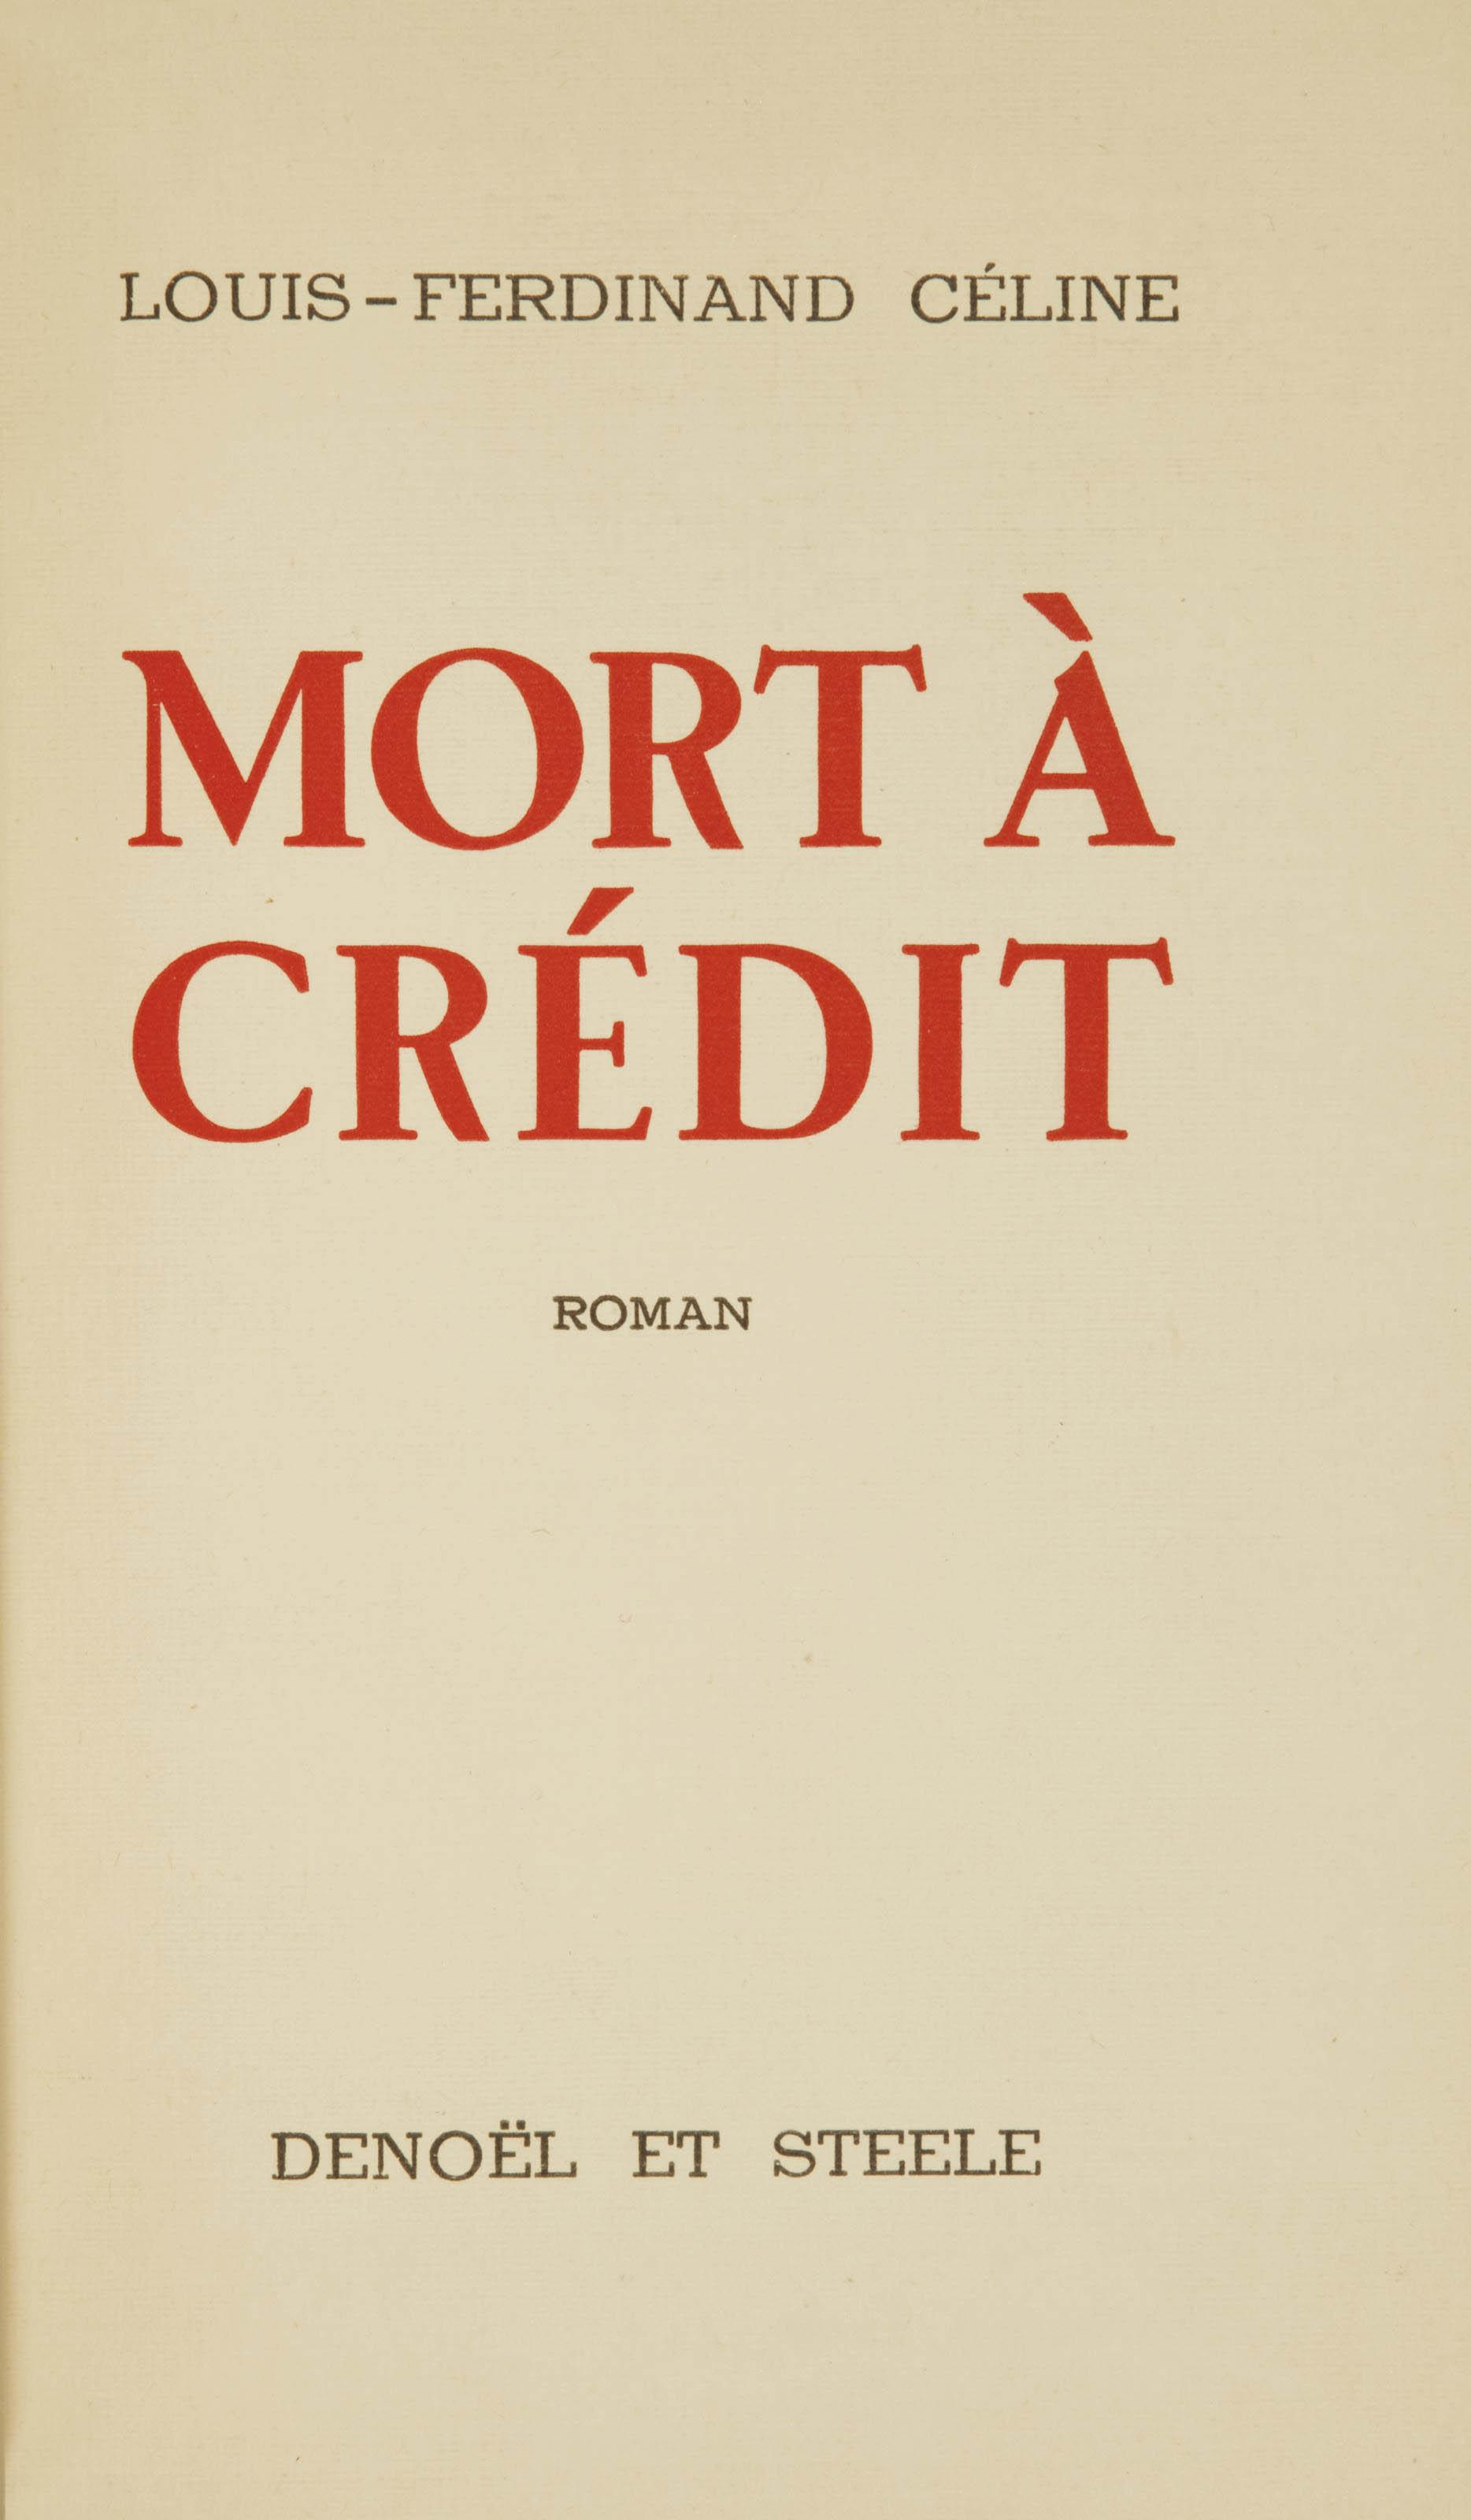 CÉLINE, Louis-Ferdinand Destouches, dit (1894-1961). Mort à crédit. Paris: Denoël et Steele, [1936].